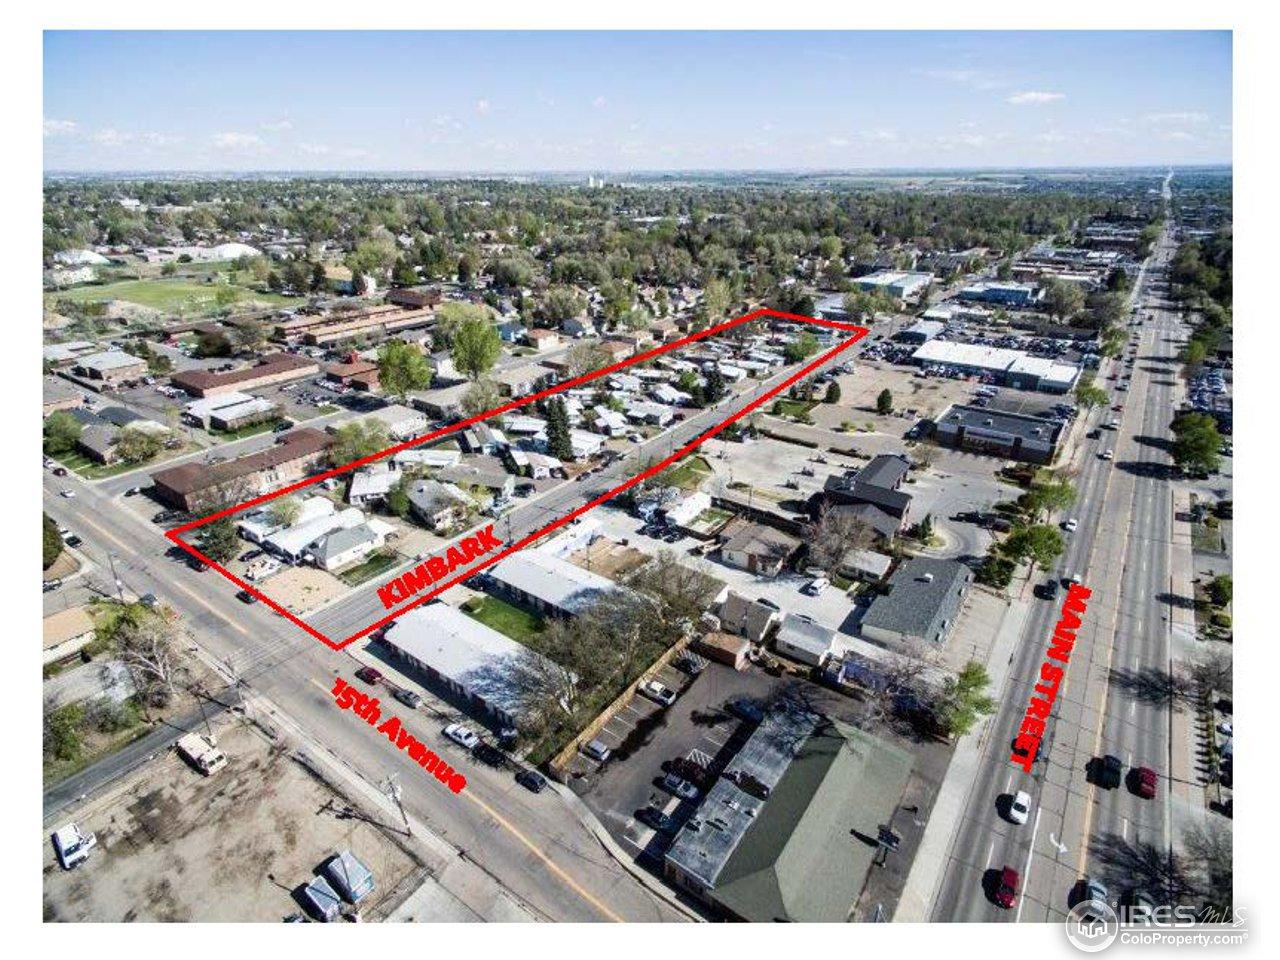 1430 Main St, Longmont, CO 80501